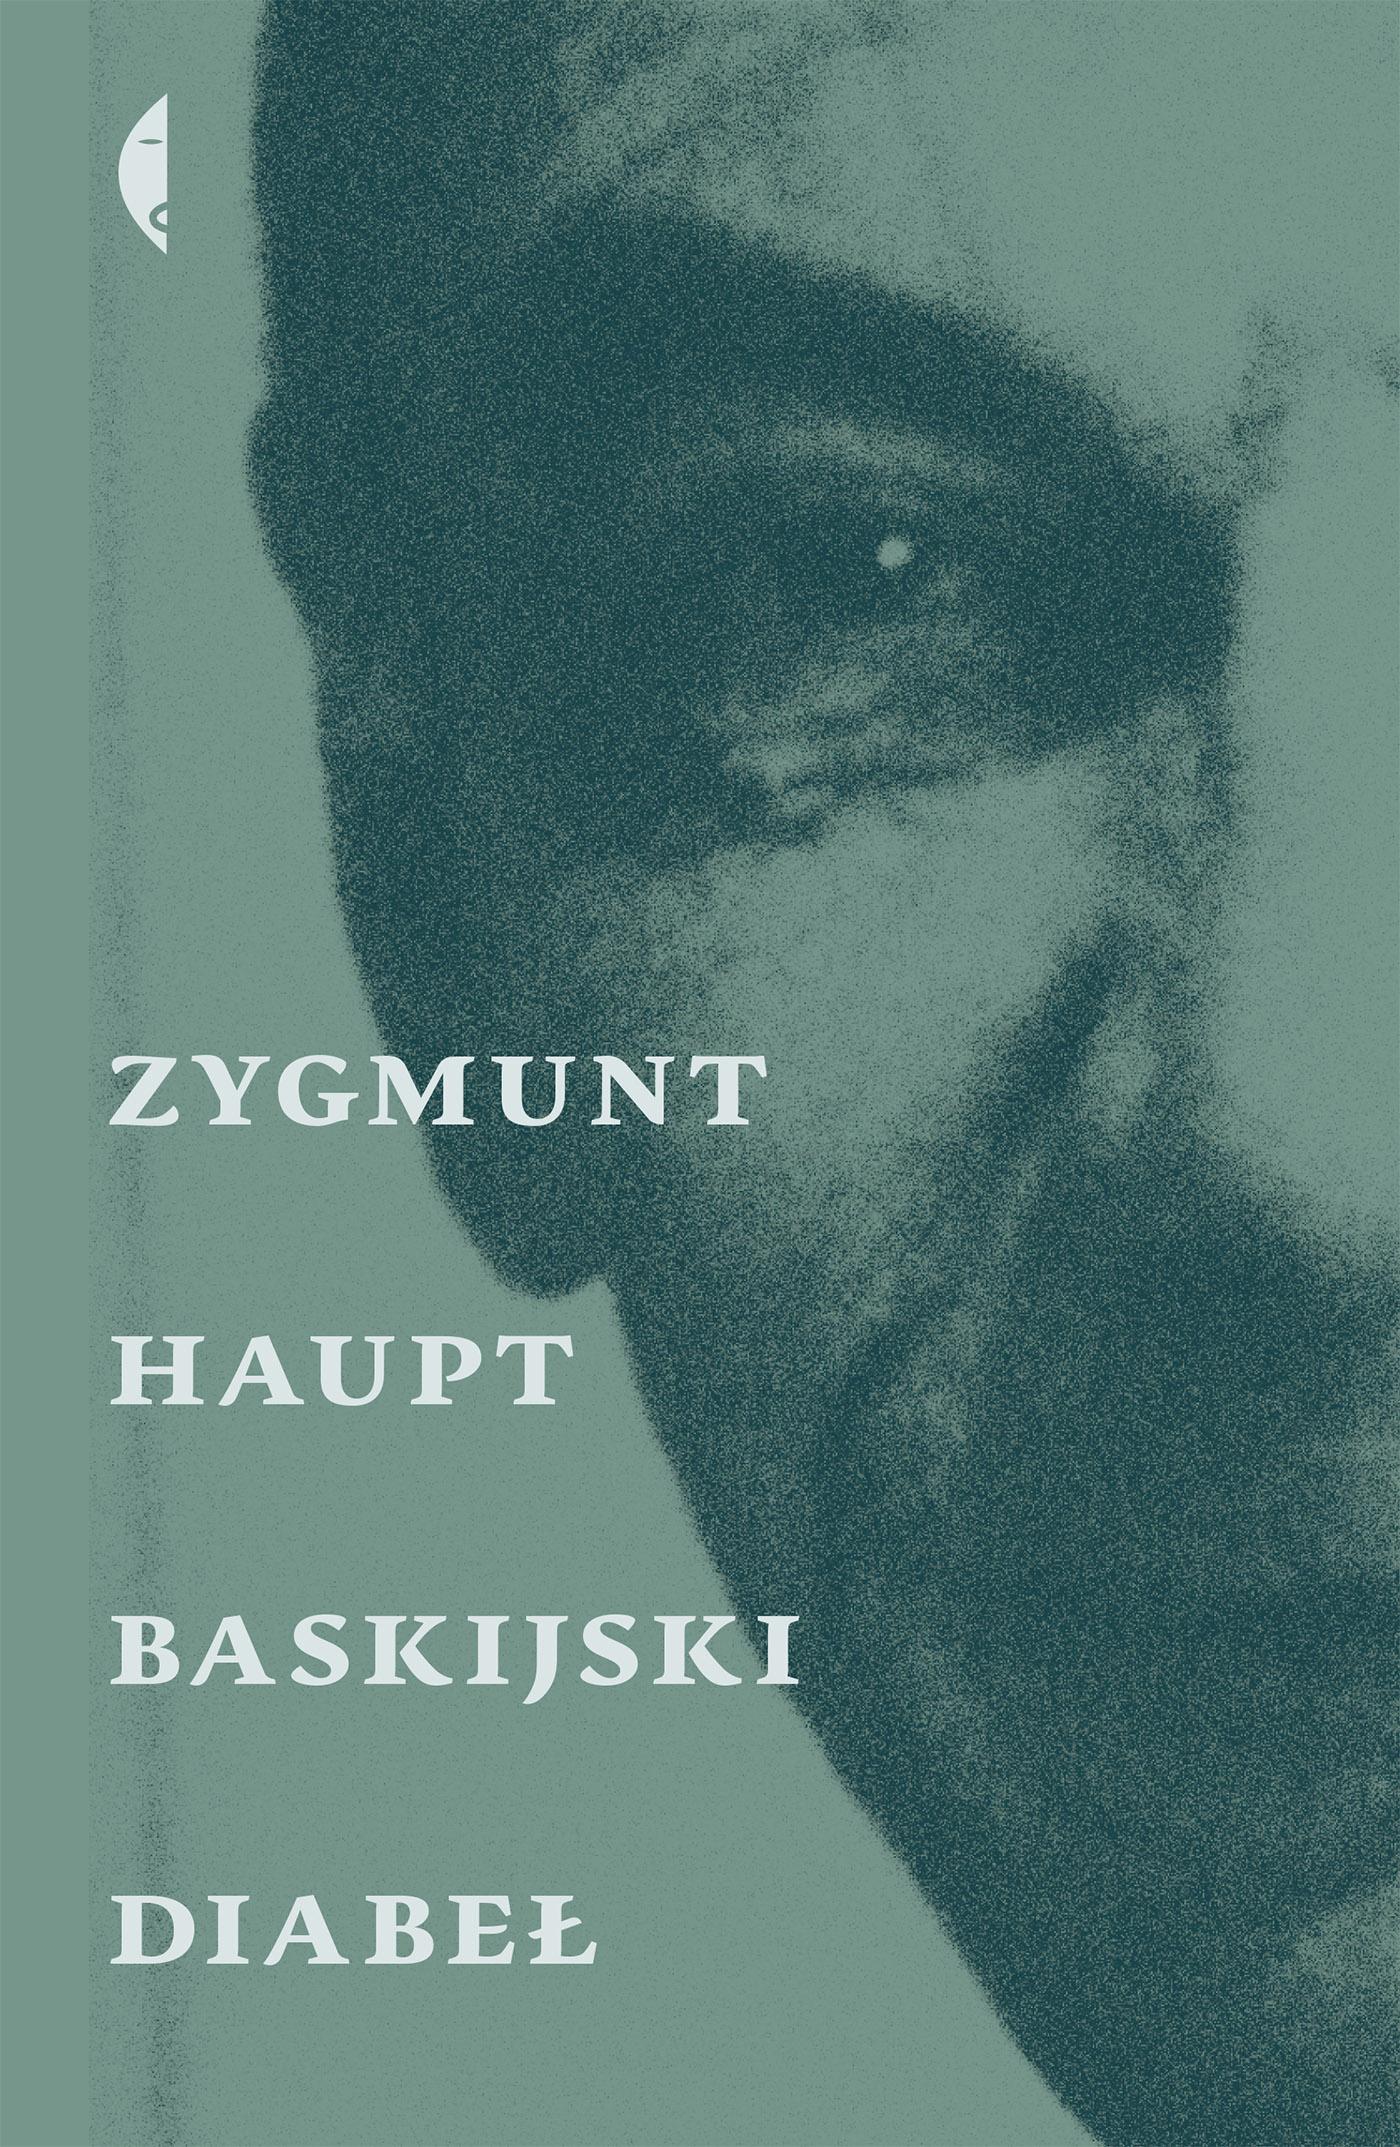 """Zygmunt Haupt, """"Baskijski diabeł"""", Wydawnictwo Czarne 2016"""